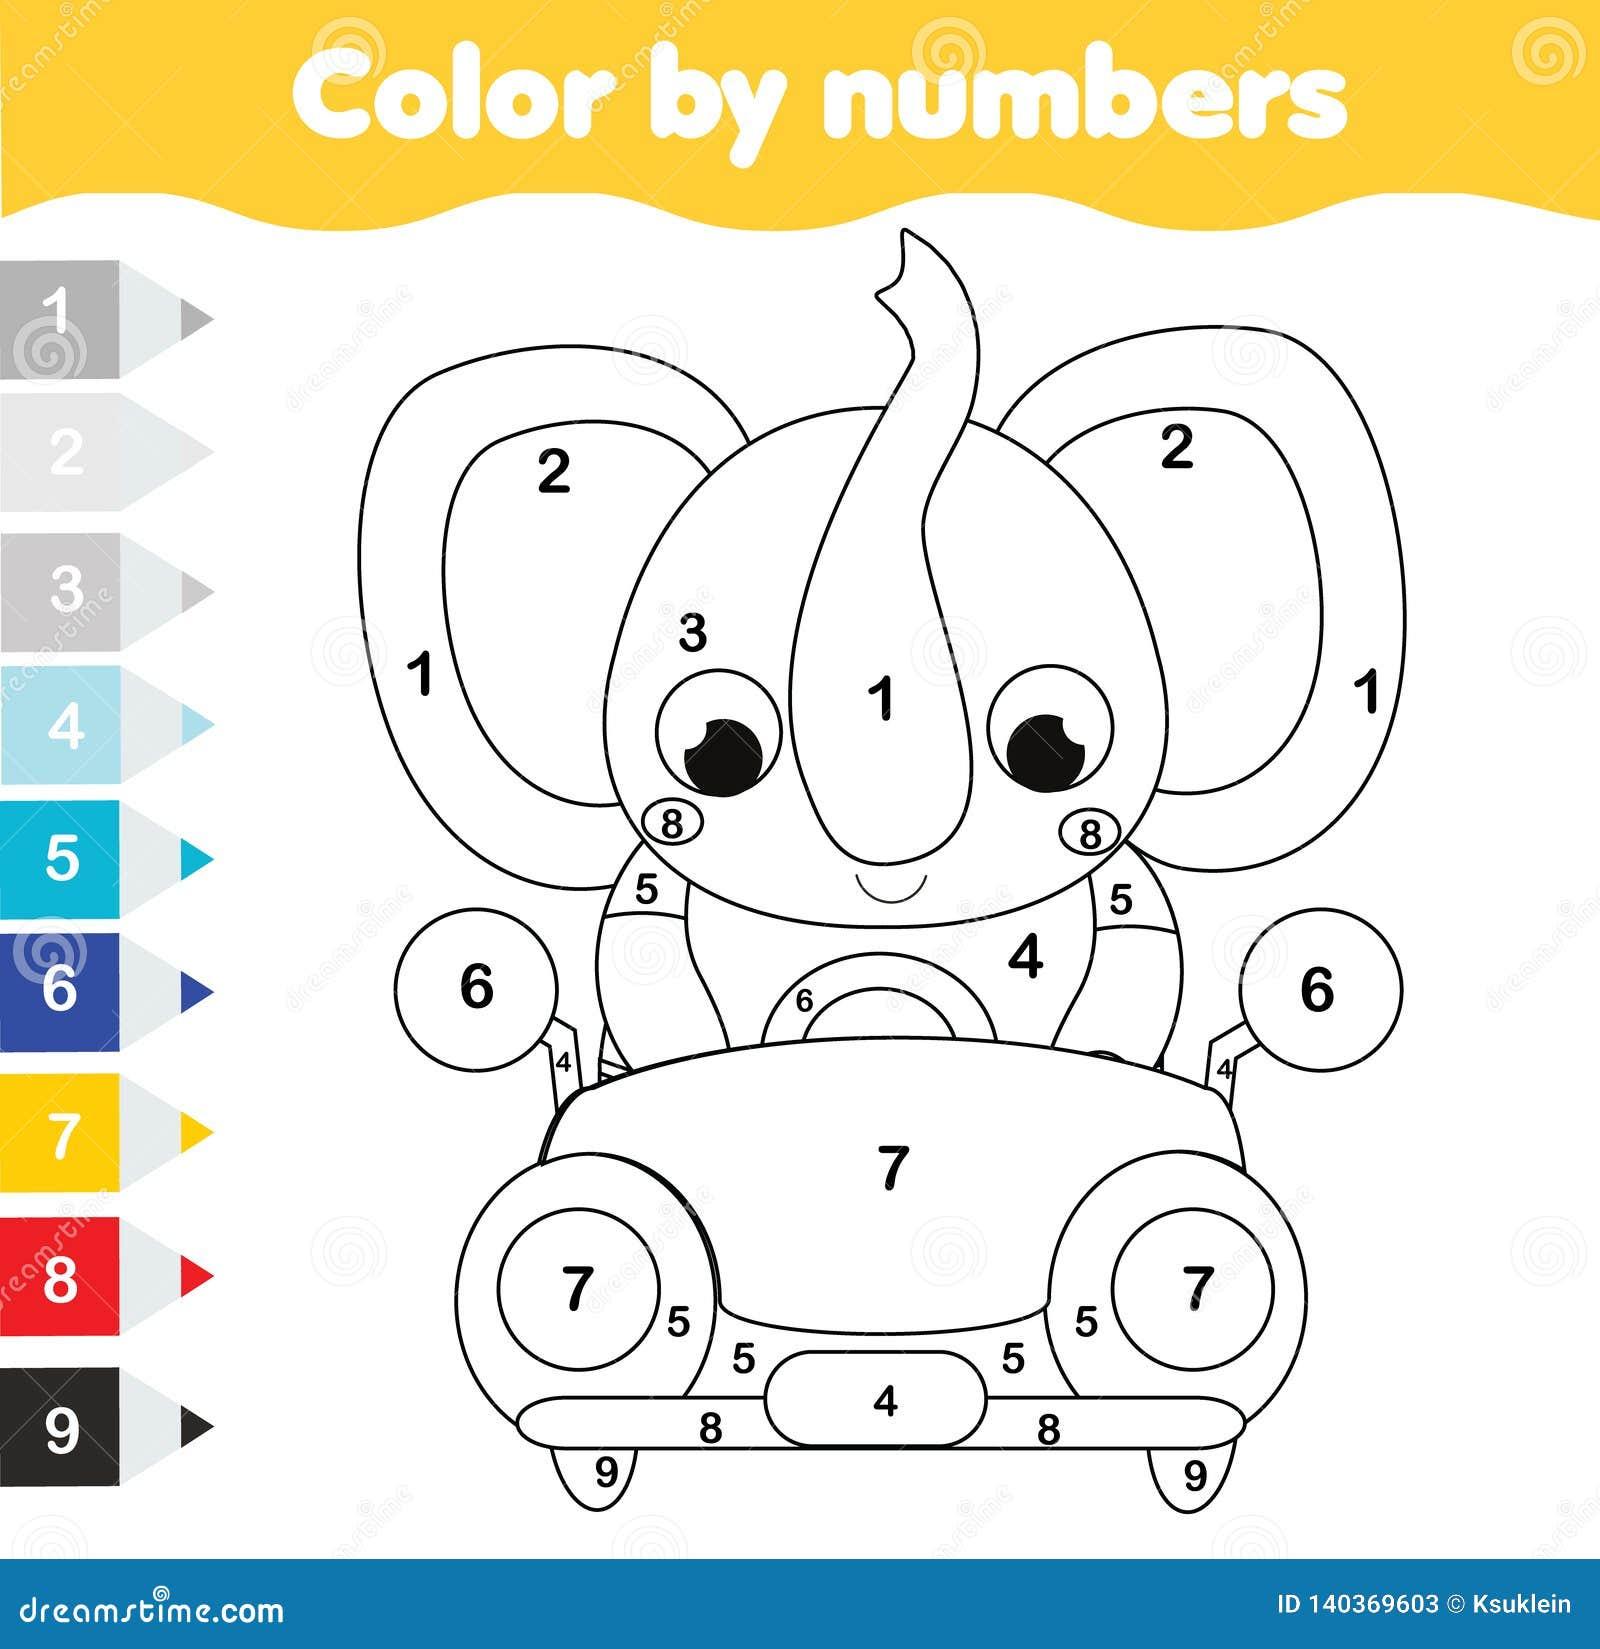 Farbtonseite für Kinder Pädagogisches Kinderspiel Farbe durch Zahlen Karikaturelefant-Antriebsauto